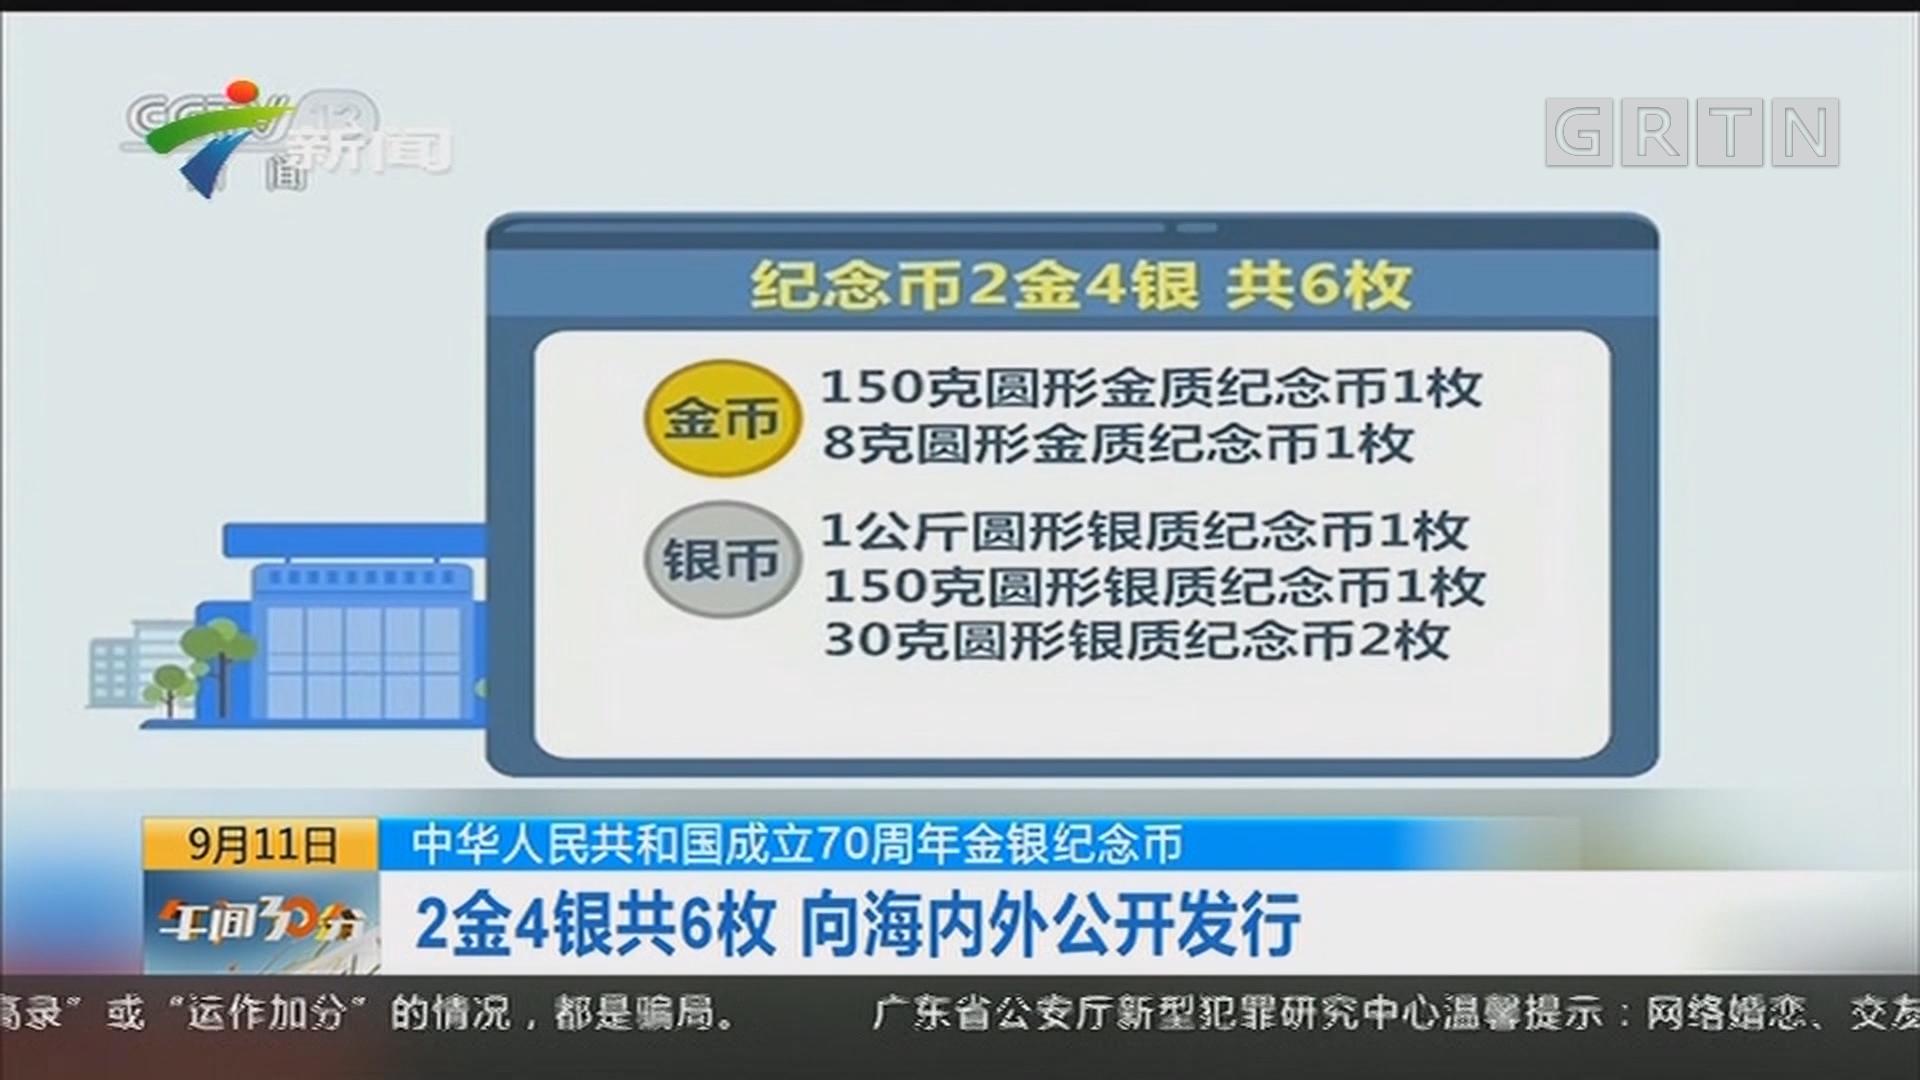 中华人民共和国成立70周年金银纪念币:2金4银共6枚 向海内外公开发行